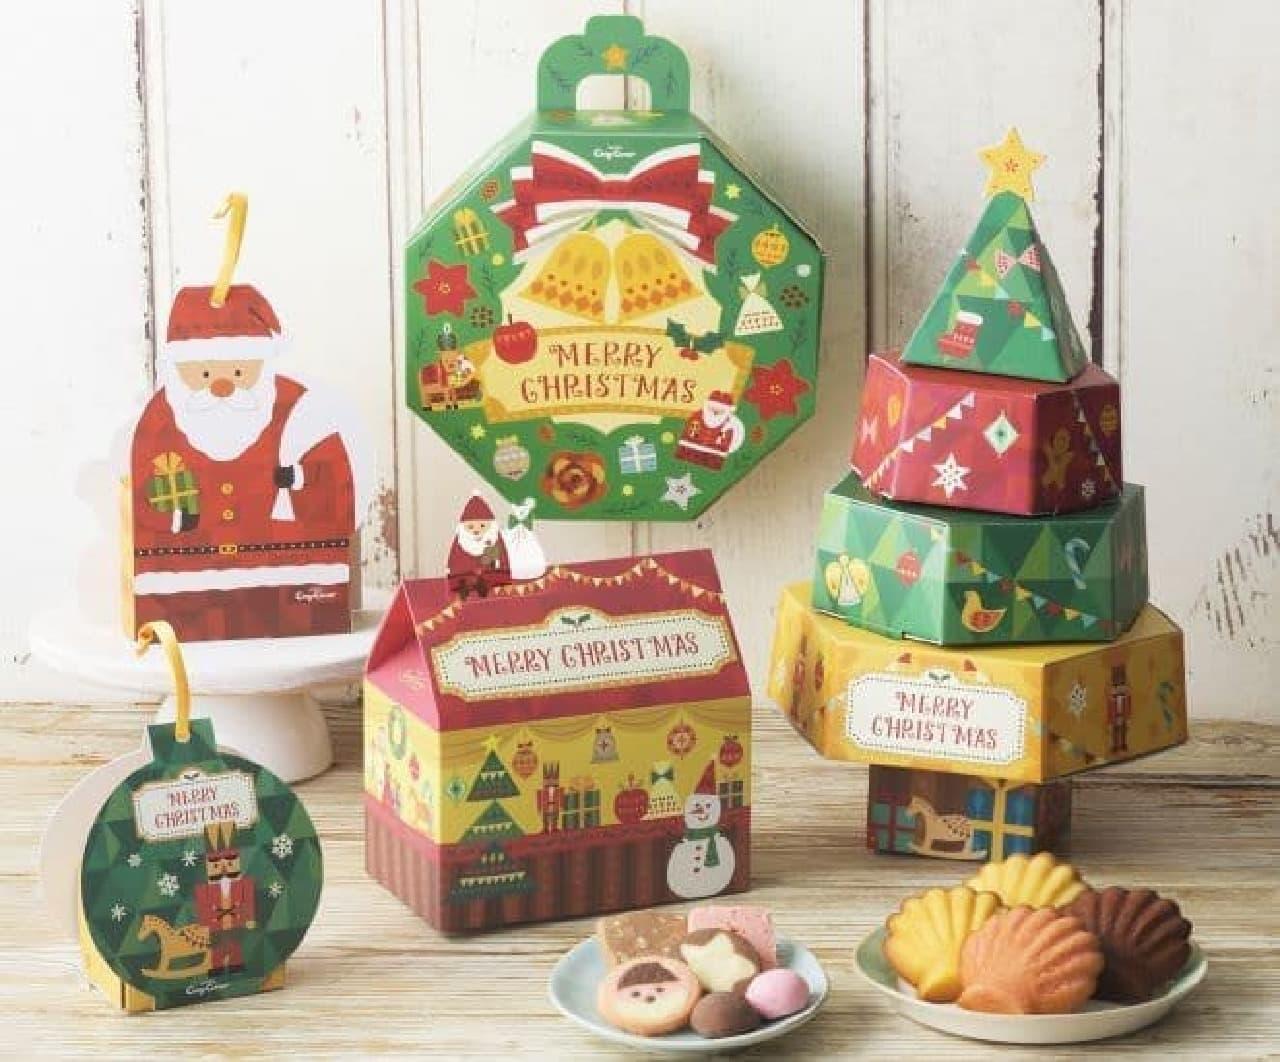 銀座コージーコーナー「クリスマスシーズン限定スイーツギフト」